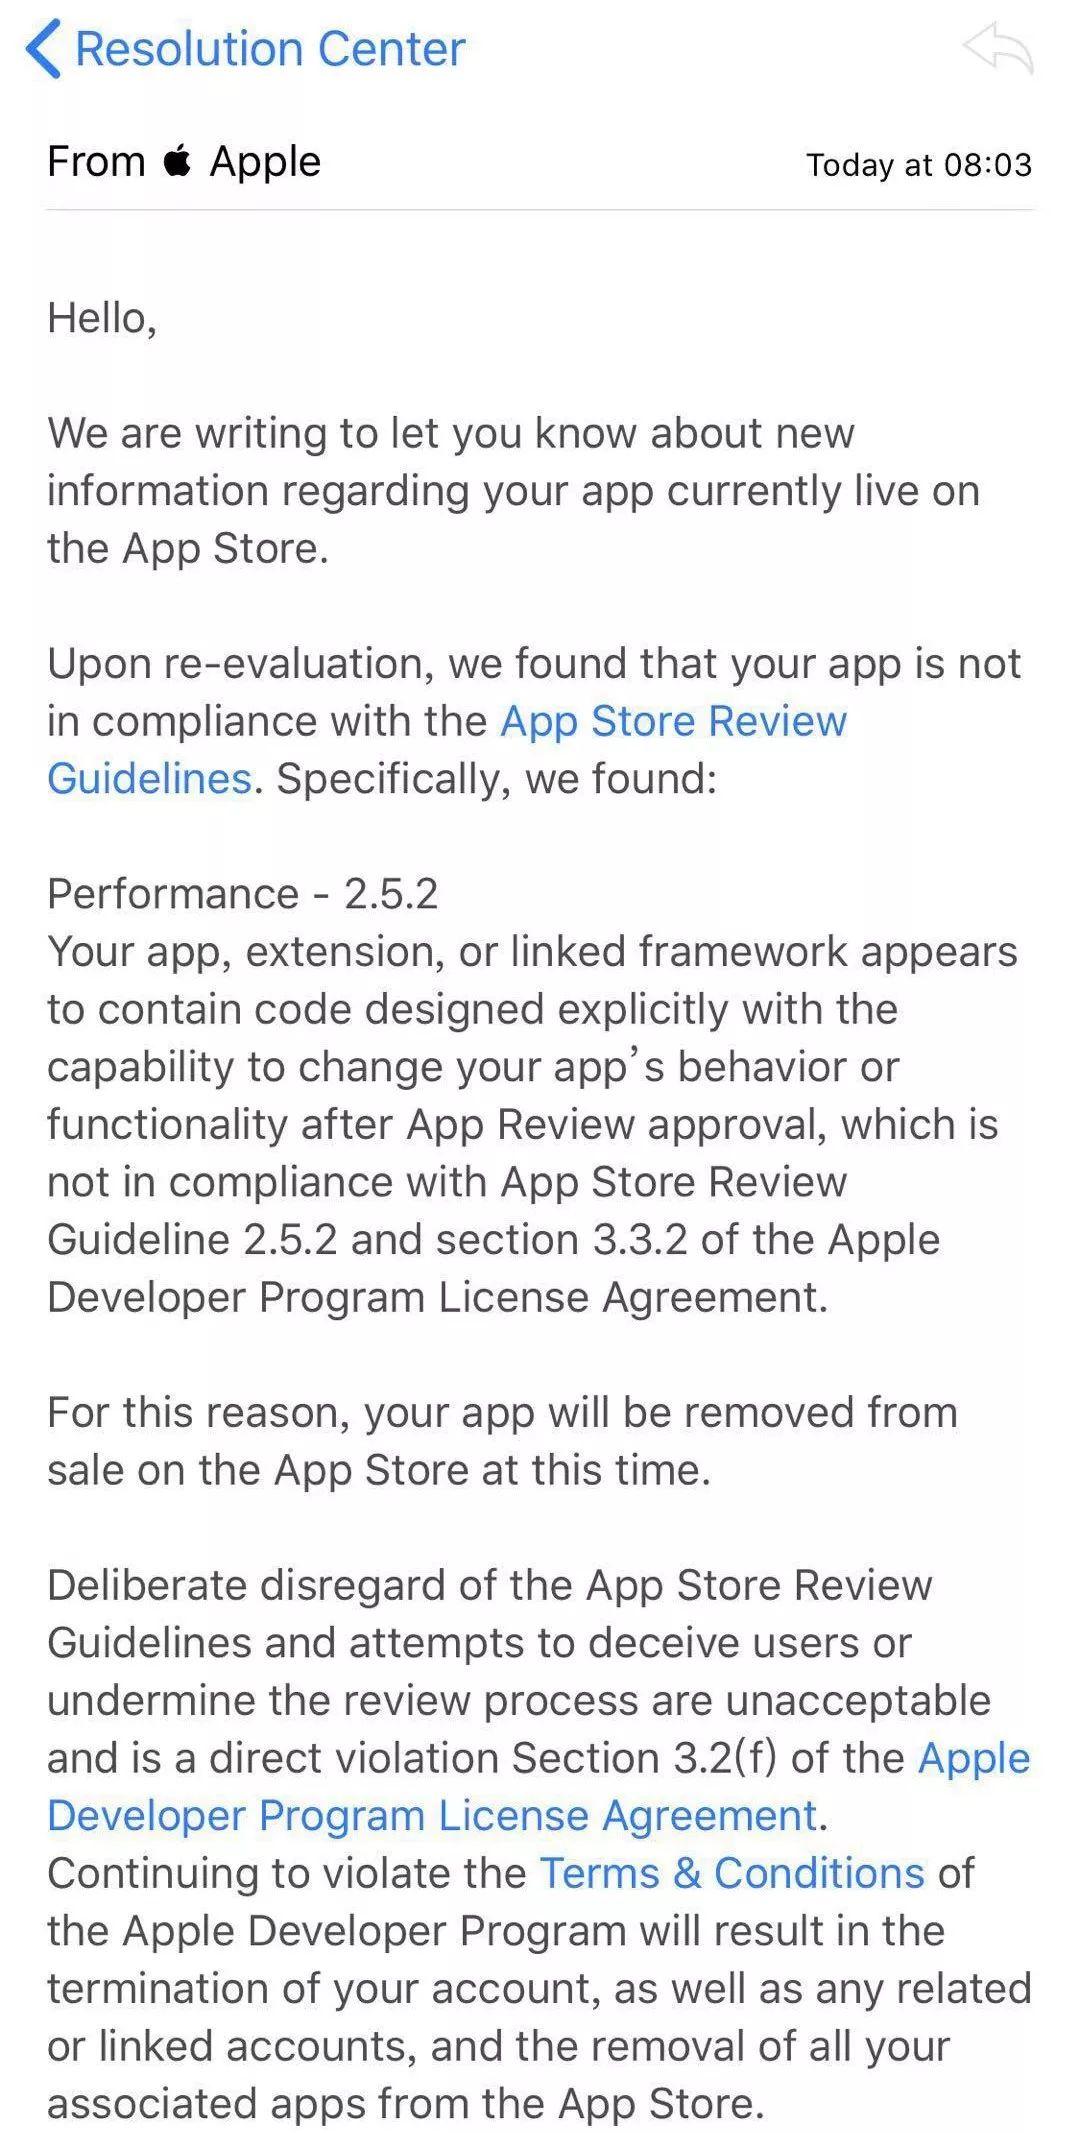 多款知名 App 被下架,原因多为 2.5.2